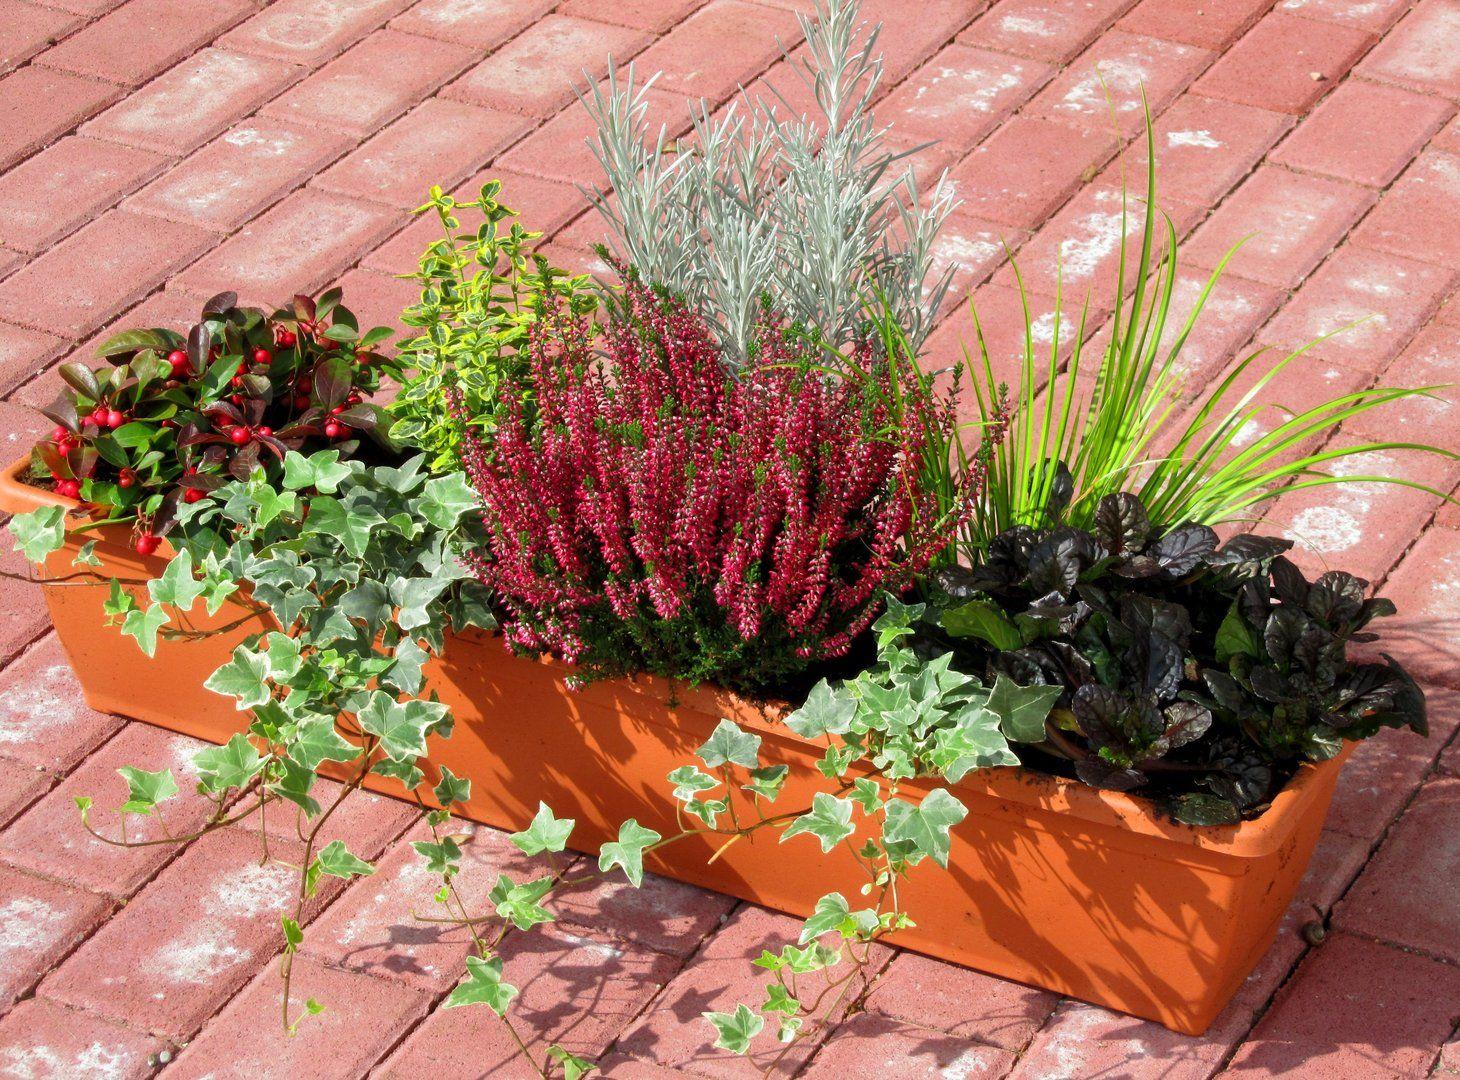 Balkonpflanzen Set Fur Balkonkasten 80 Cm Lang Balkonkasten